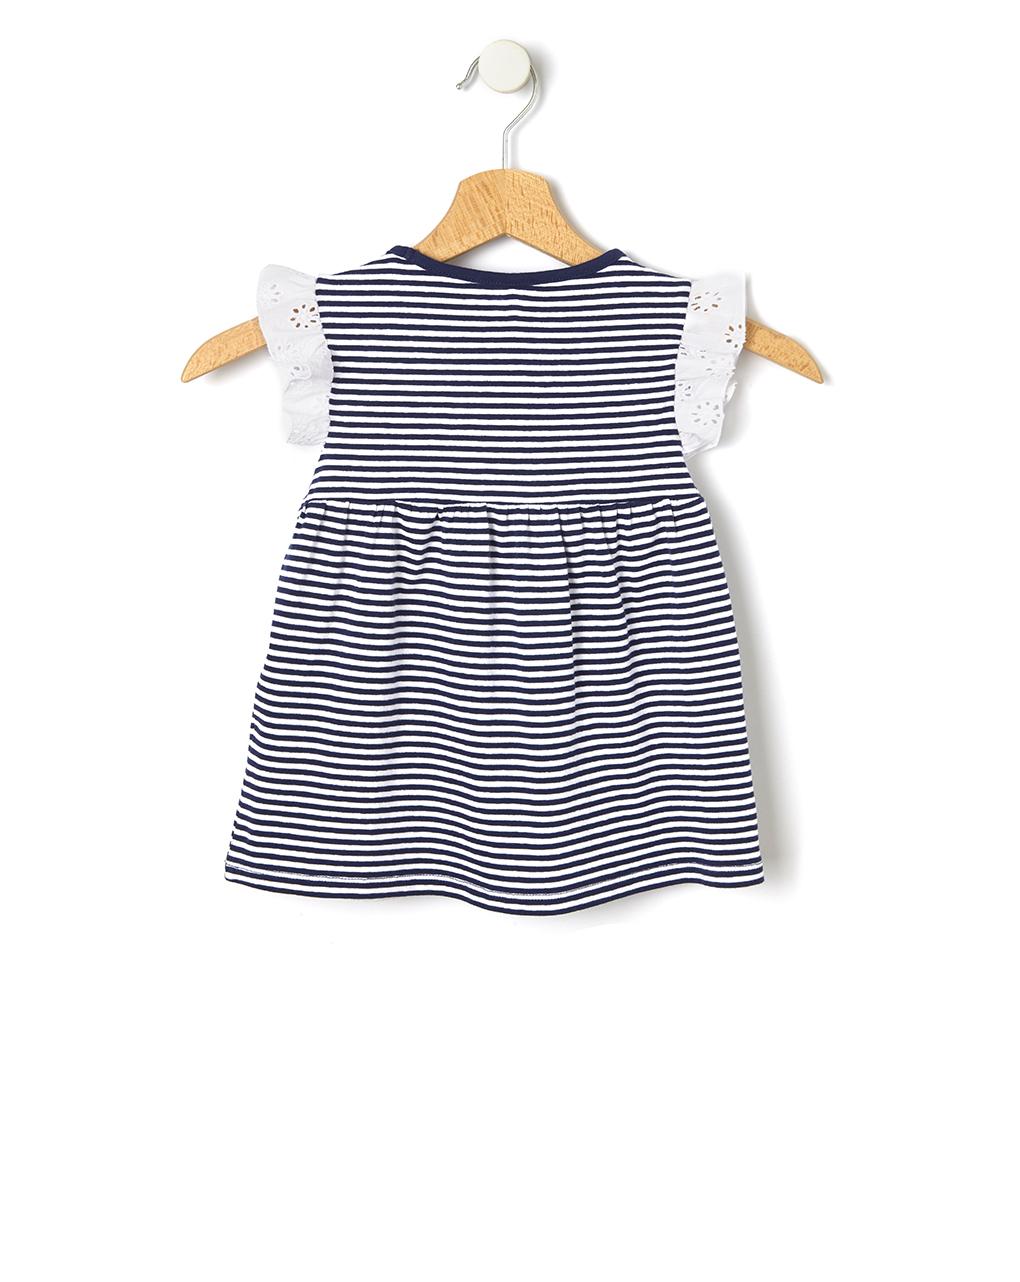 Camiseta listrada com inserções de broderie anglaise - Prénatal